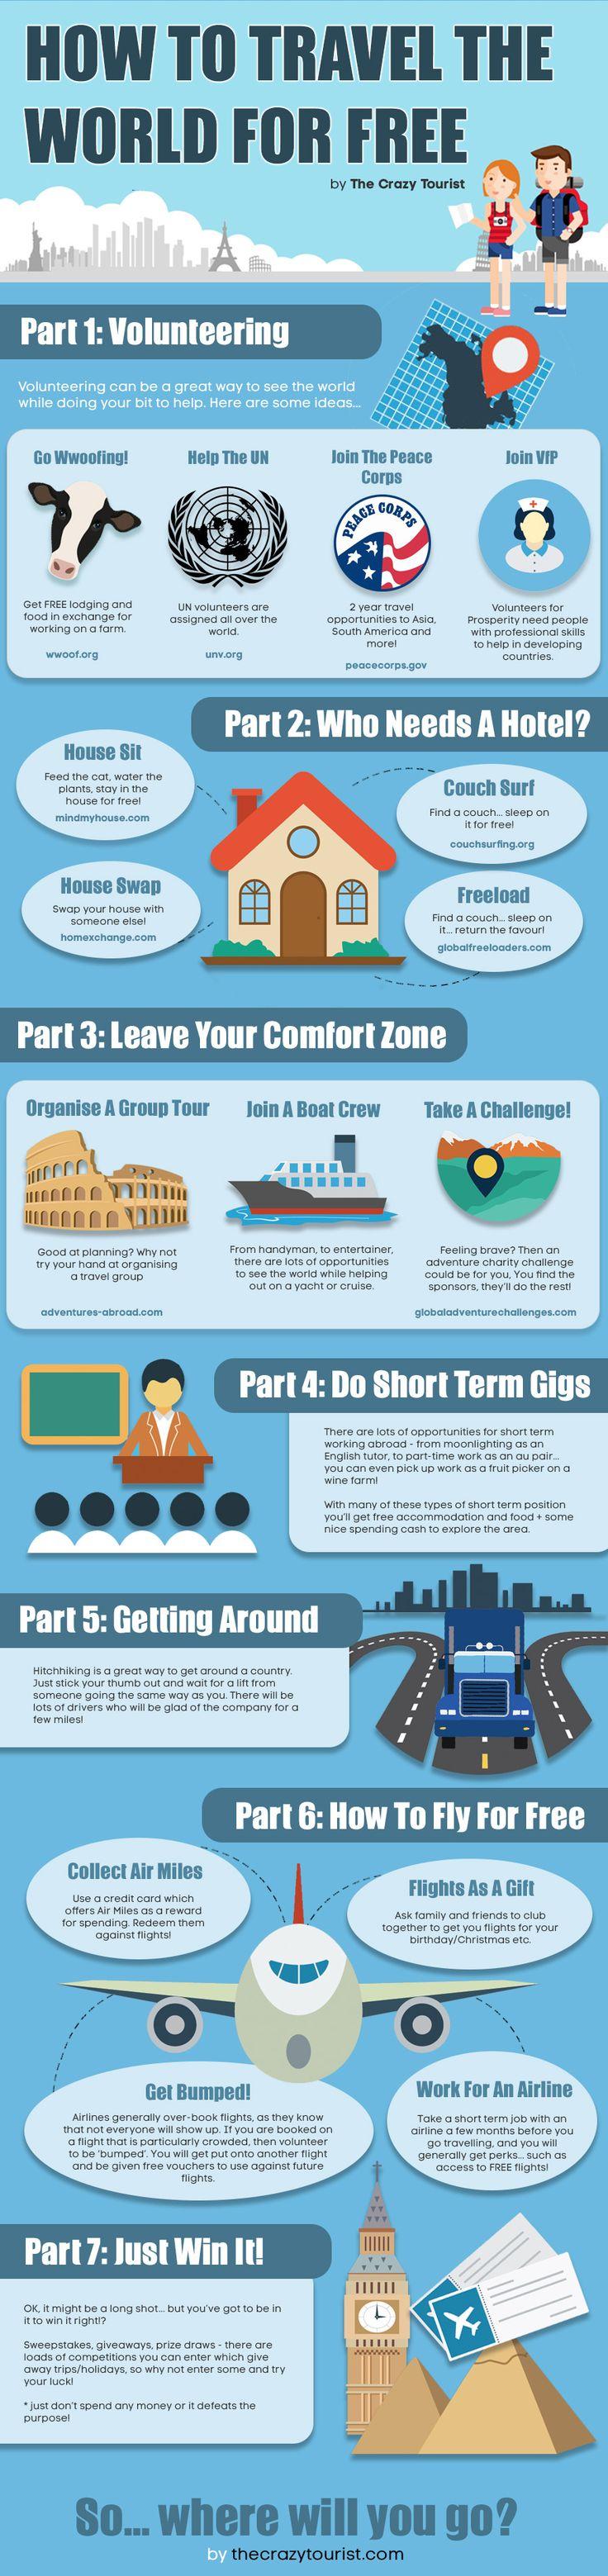 Mit diesen #Tipps und #Tricks lässt sich beim #Reisen viel Geld #sparen. #low #budget #travel